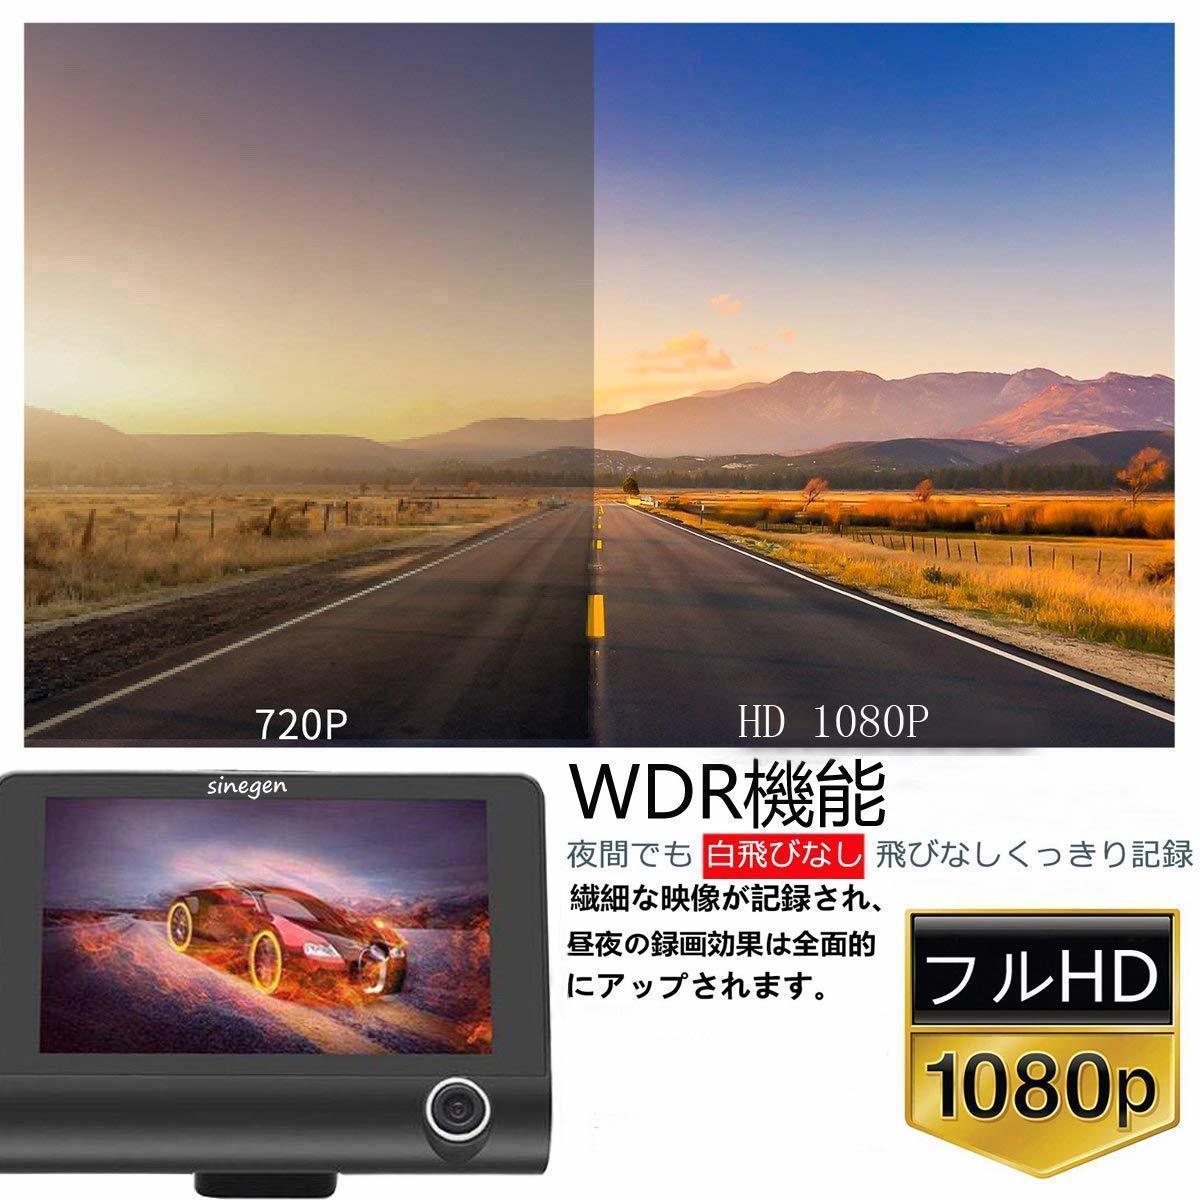 ドライブレコーダー 前後カメラ 最新版 車載カメラ 4.0インチ 1080P 170°広視野角 WDR搭載 駐車監視 常時録画_画像7